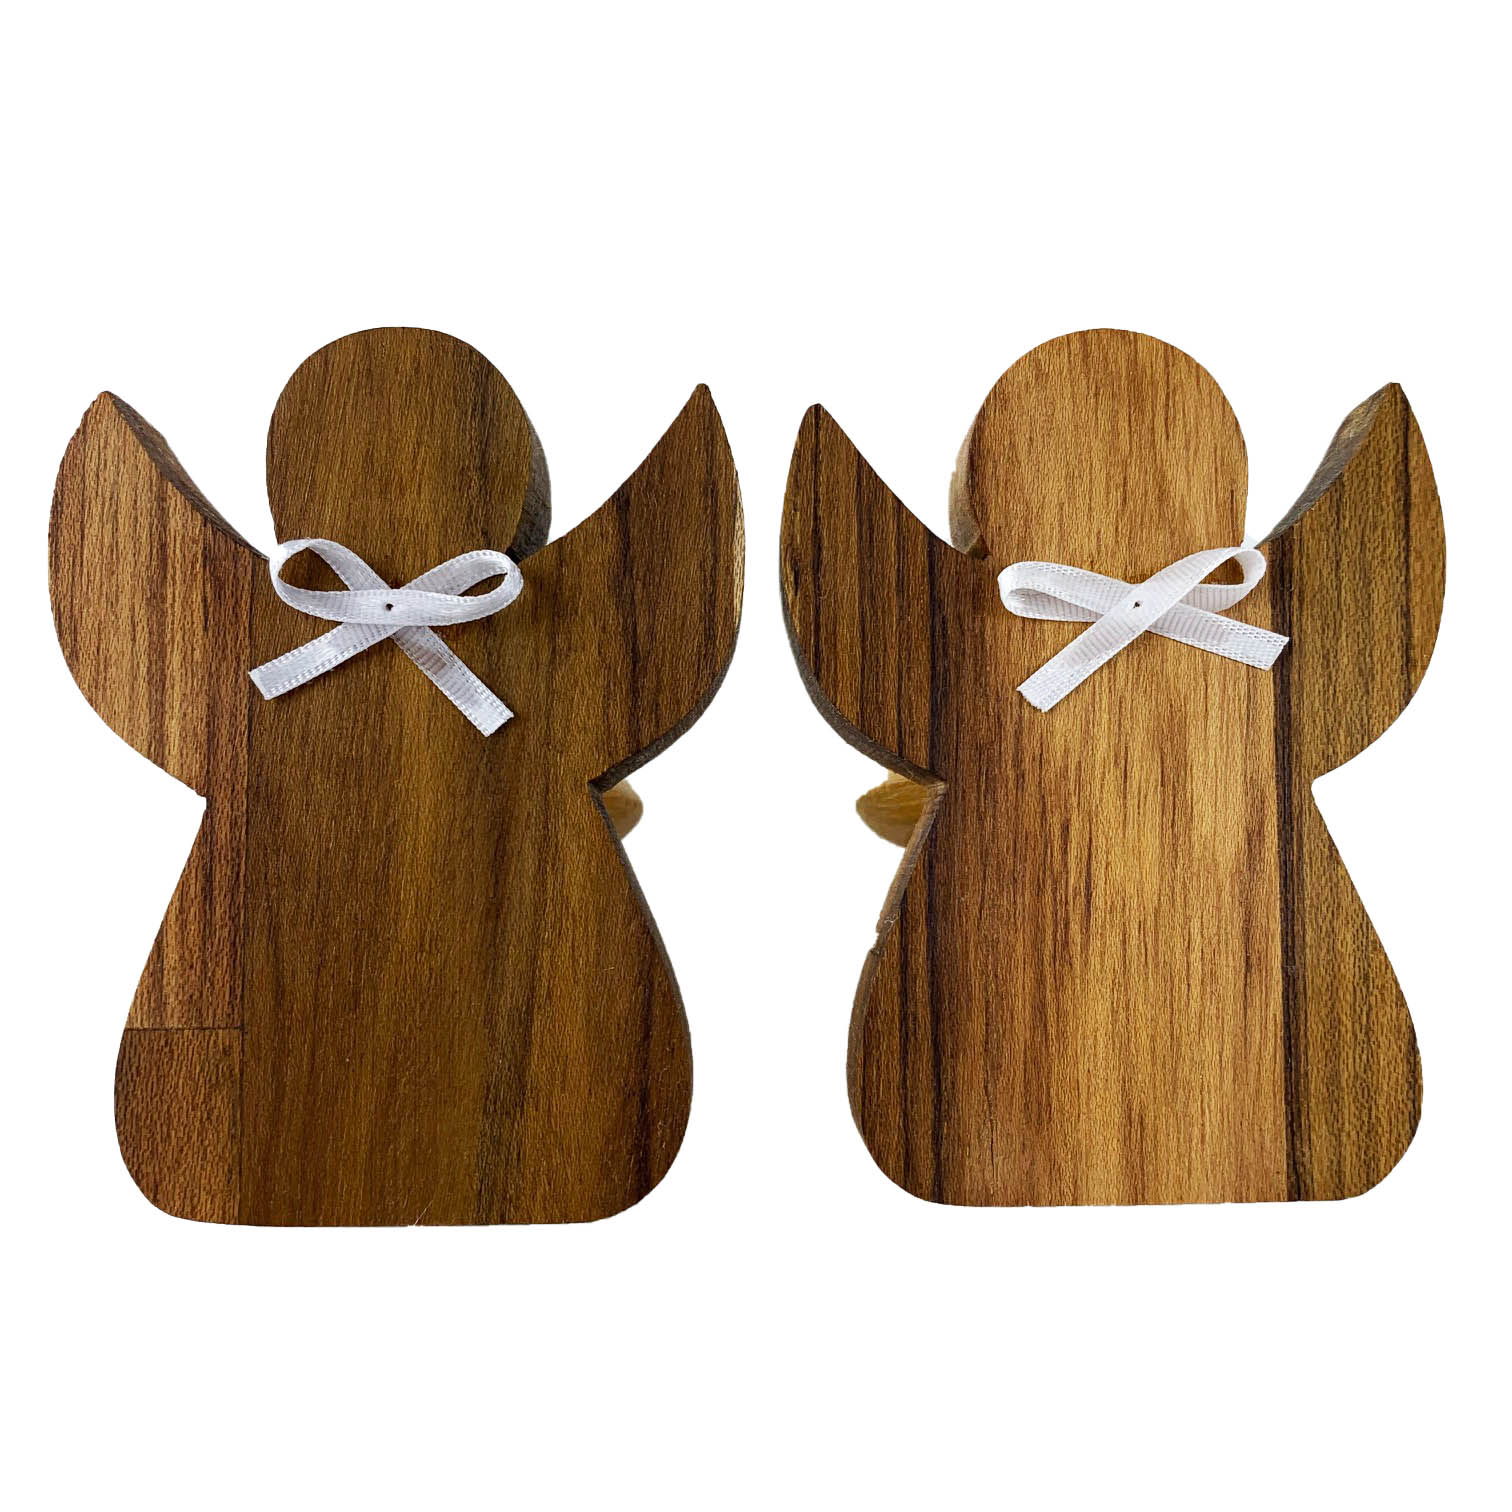 Jogo com 2 Argolas Anjo madeira